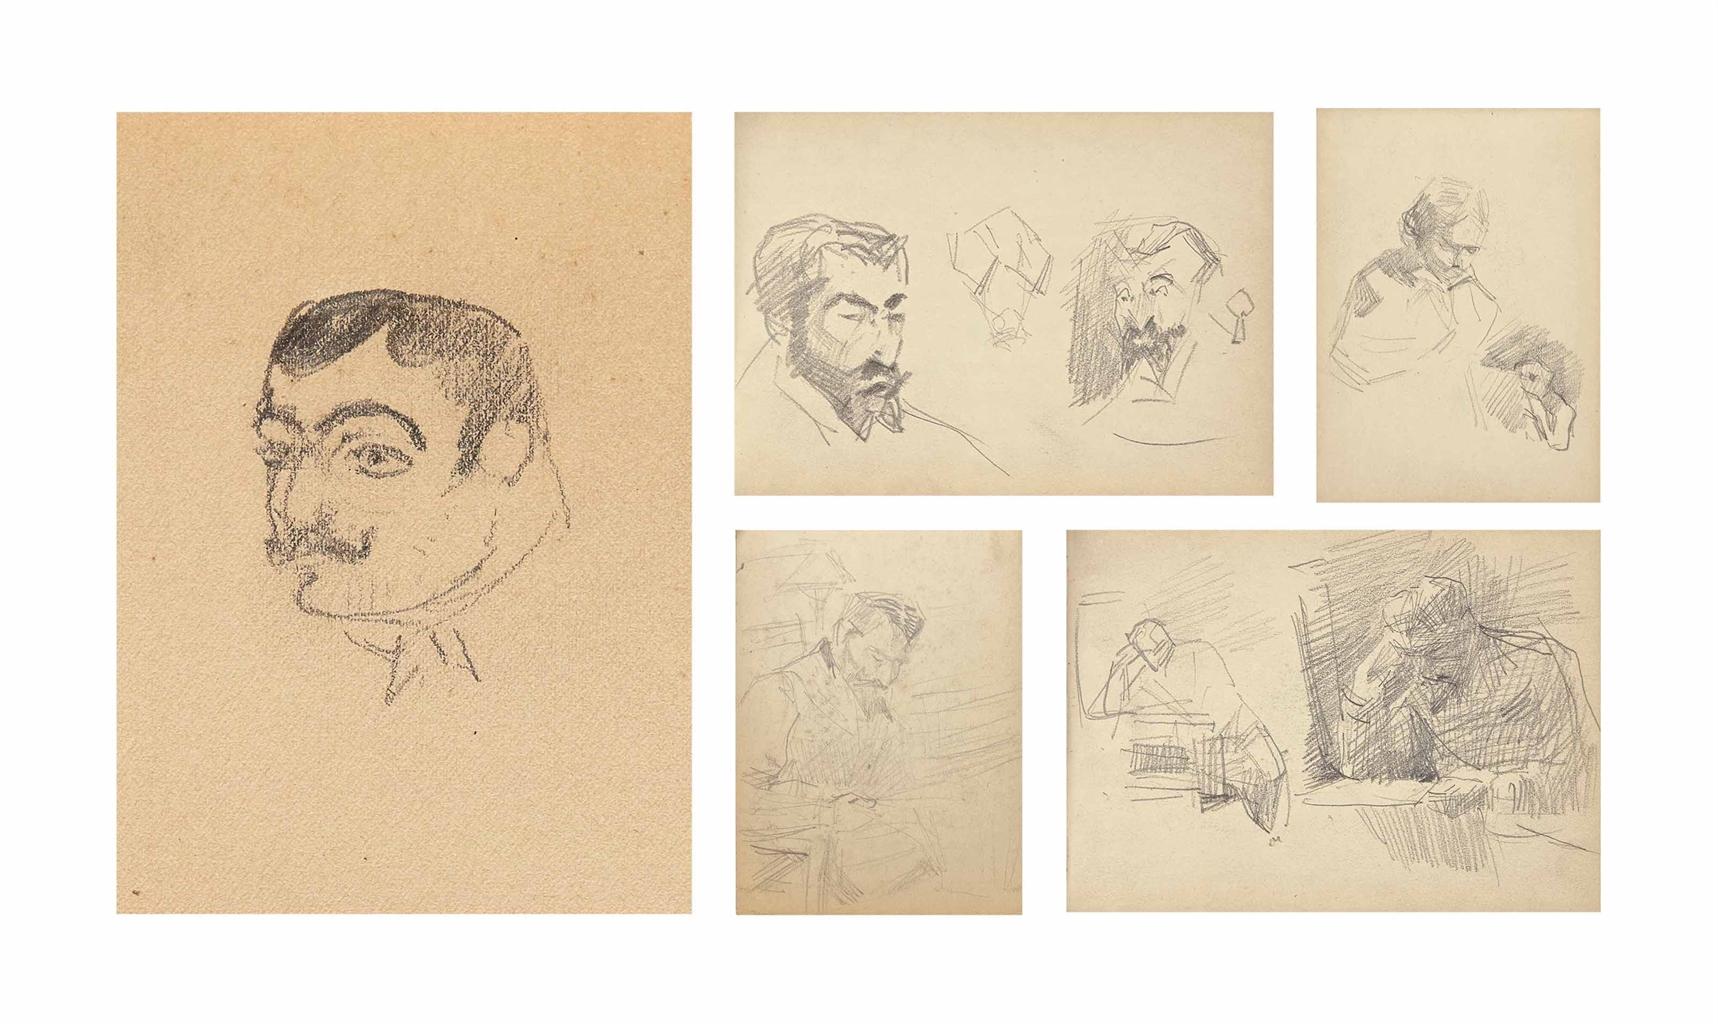 Henri de Toulouse-Lautrec-Petit album relie noir-1880